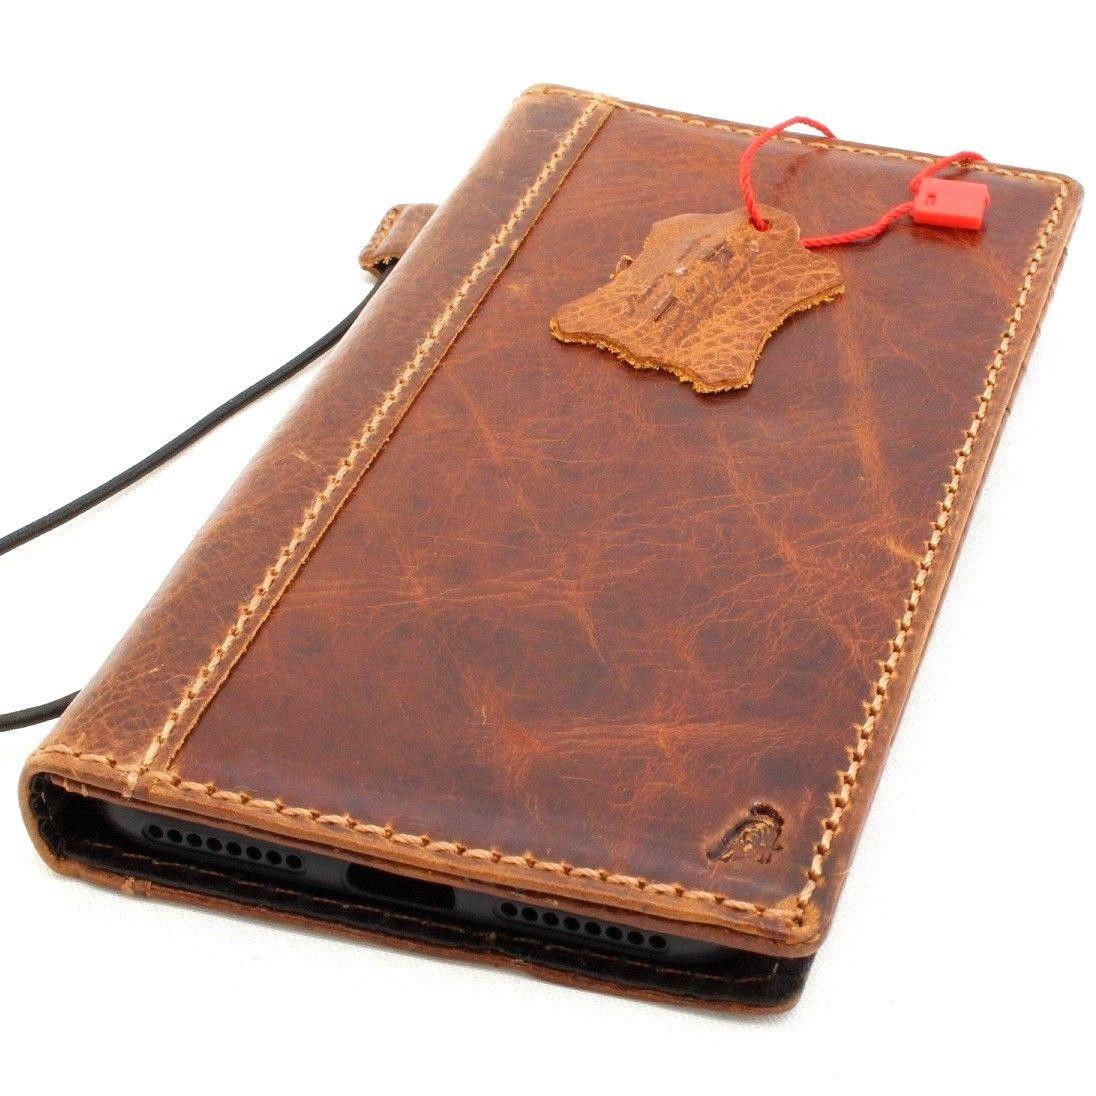 iphone 8 plus handmade case